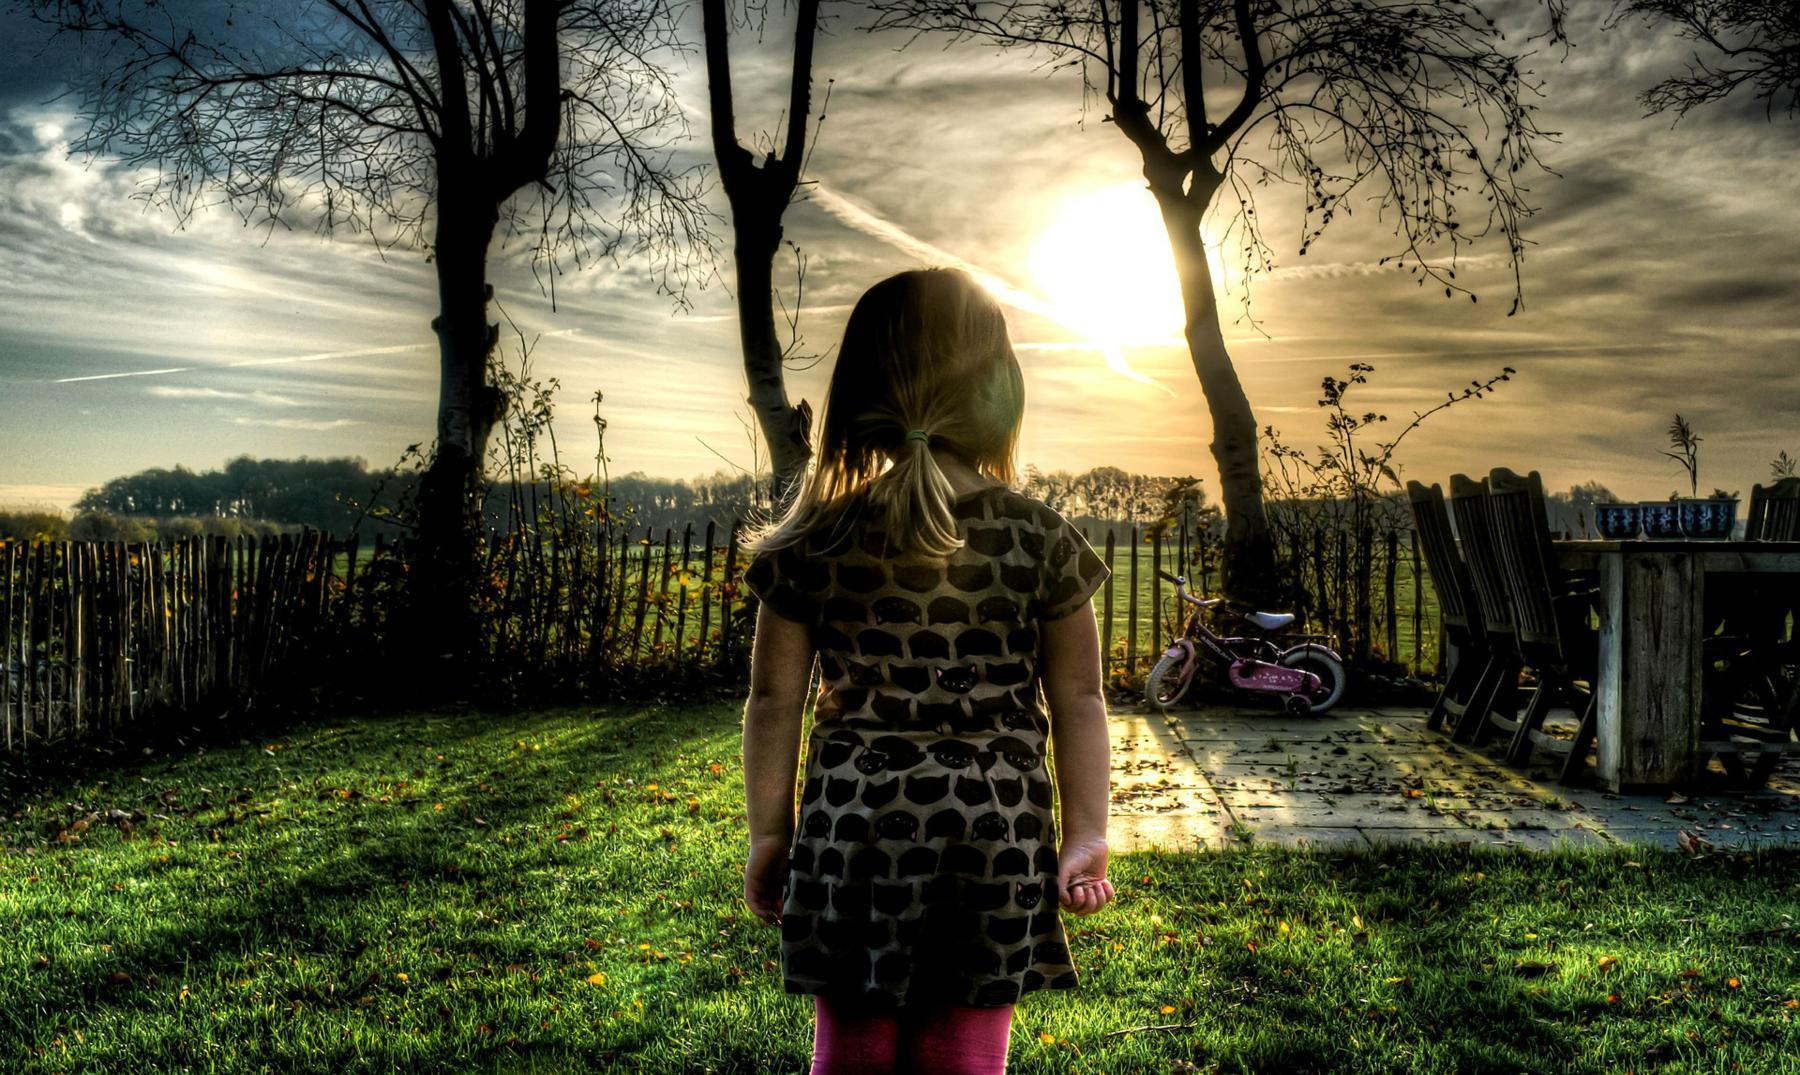 Niños Cristal, una silenciosa sensibilidad - Supercurioso